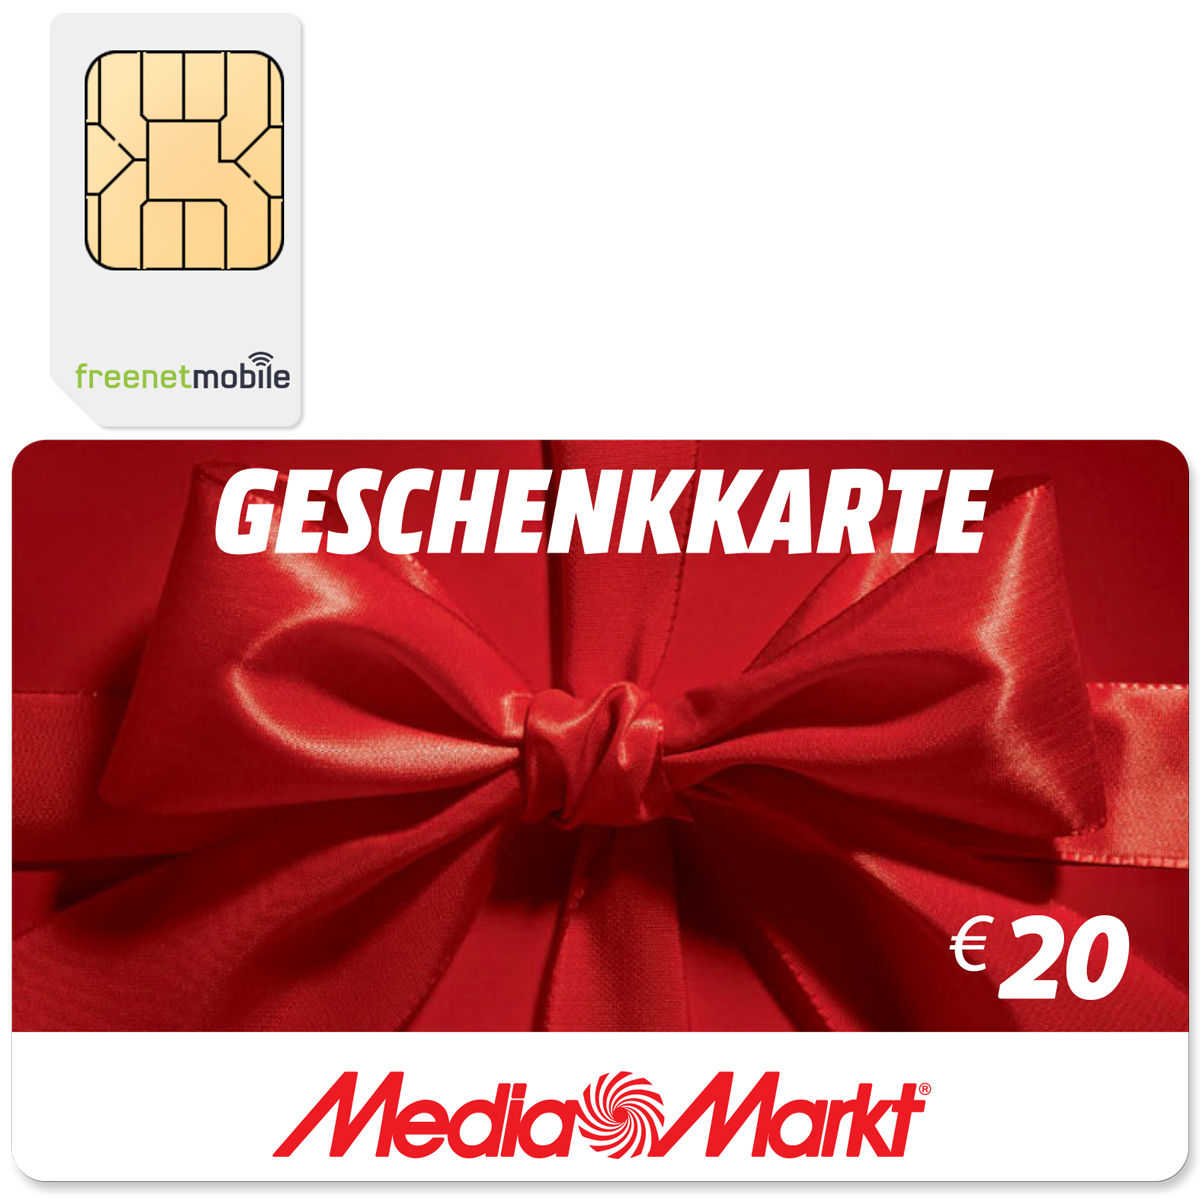 freenetmobile duo sim karte 20 00 eur media markt saturn gutschein kostenlos schn ppchen. Black Bedroom Furniture Sets. Home Design Ideas